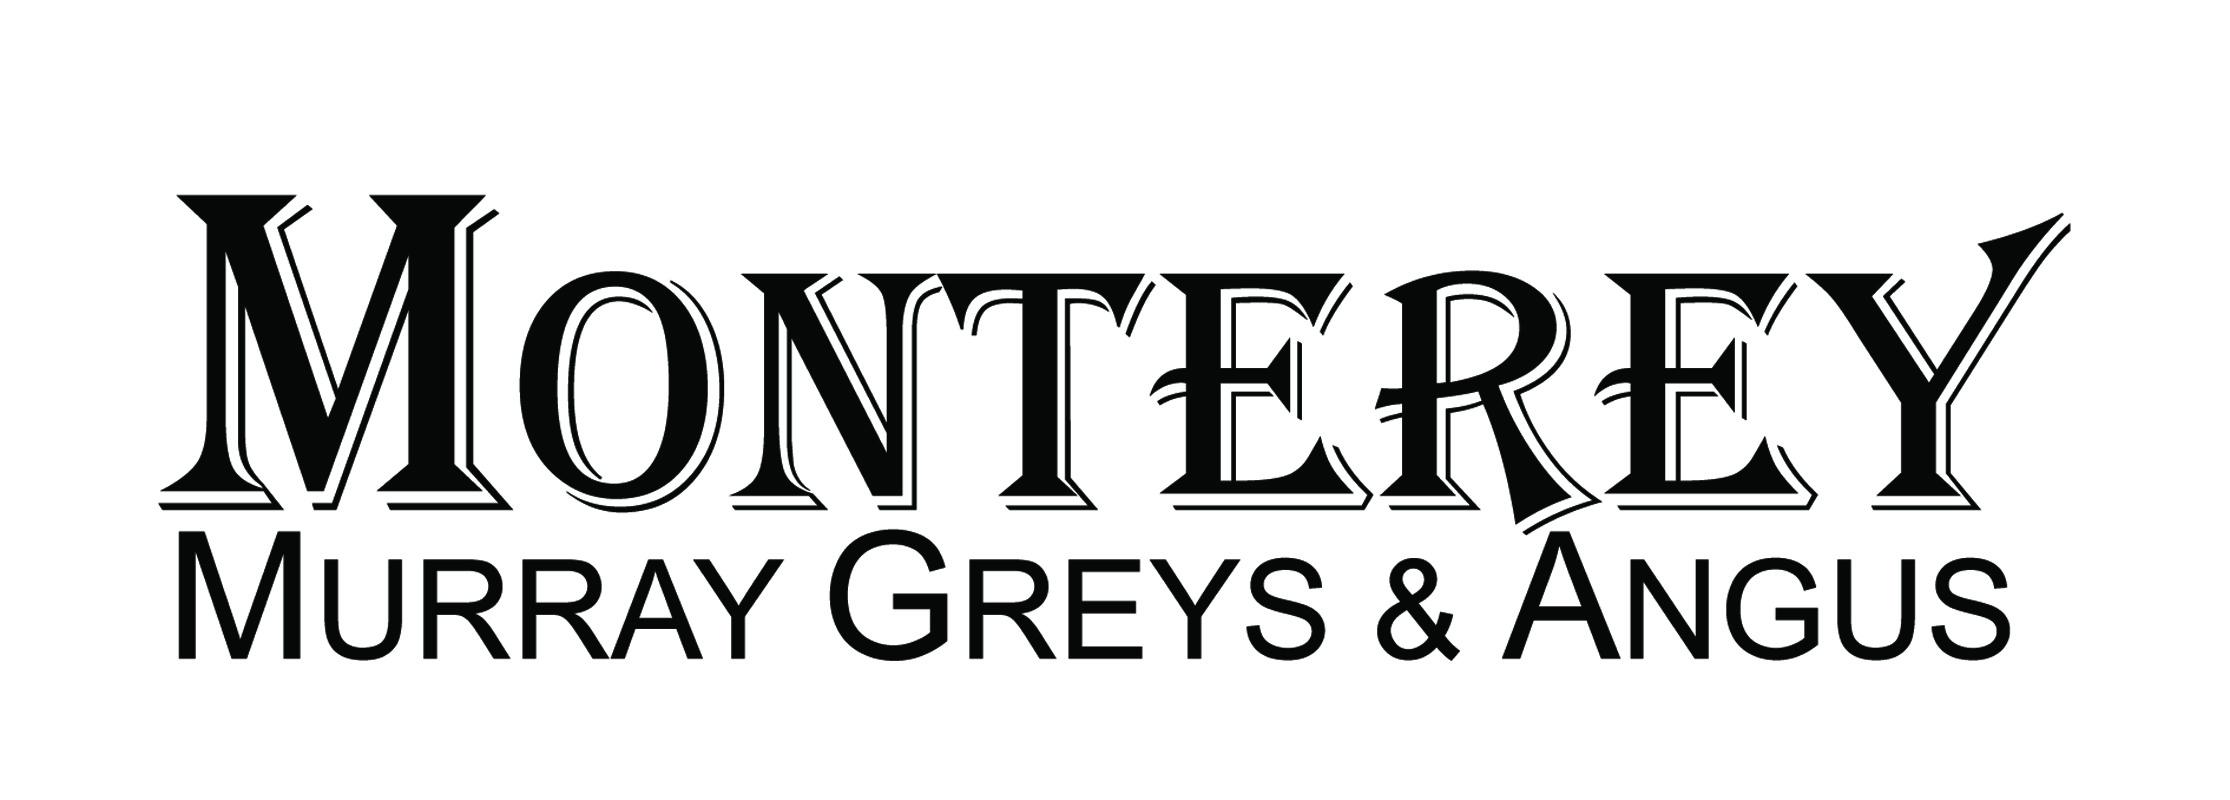 MONTEREY QUICKSILVER Q255 (PB)